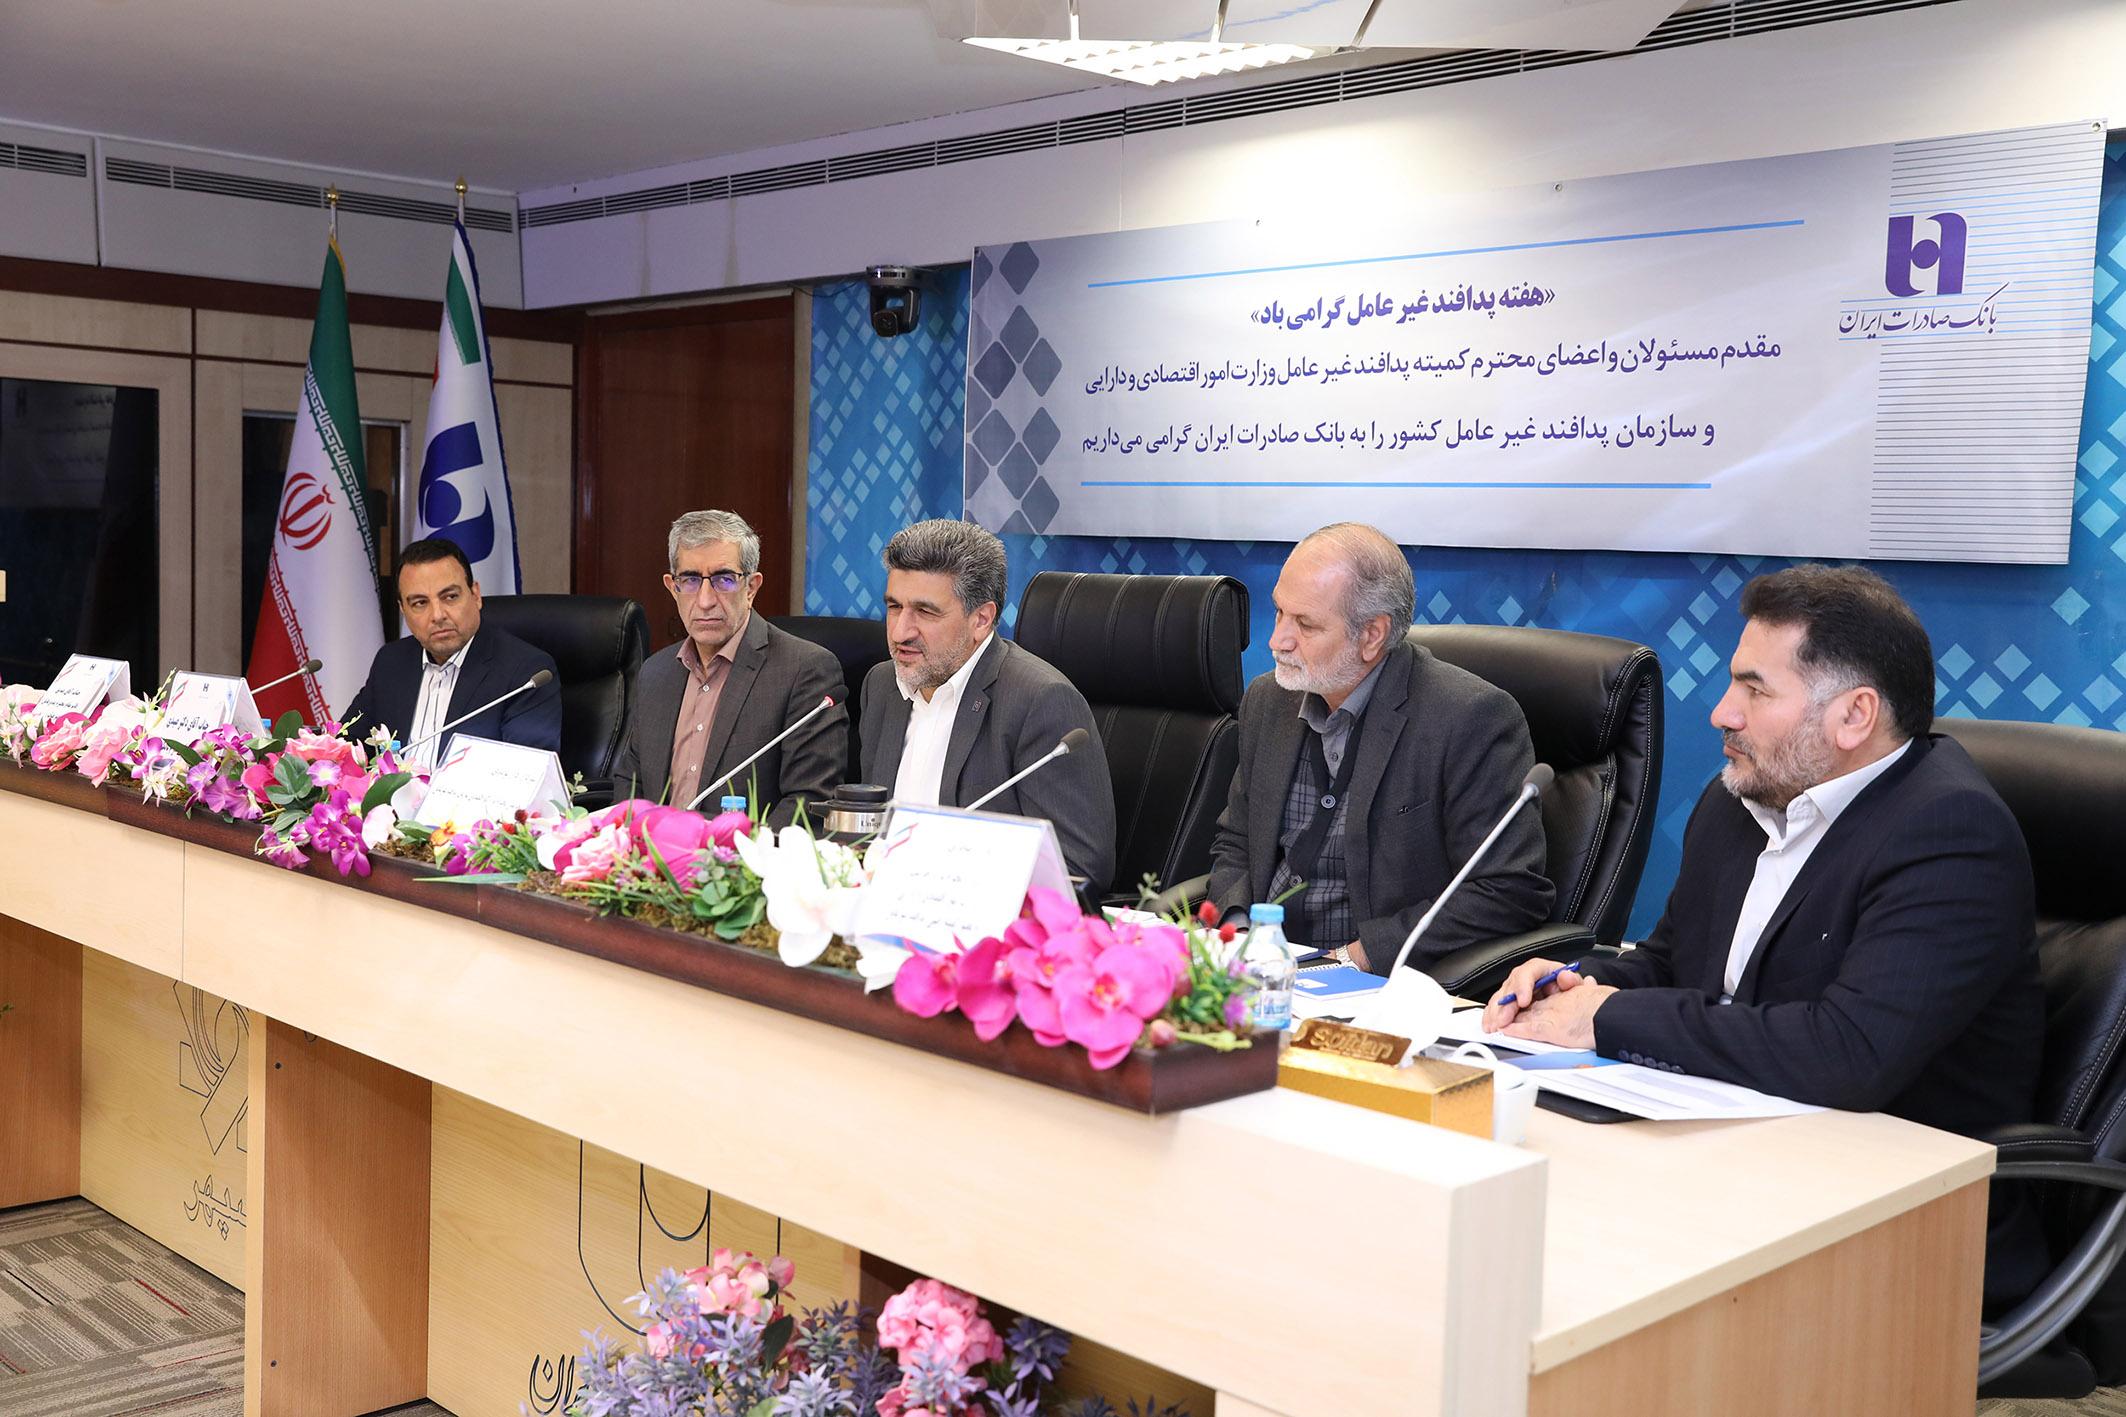 بانک صادرات ایران به عنوان سازمان پیشرو در حوزه پدافند غیرعامل انتخاب شد